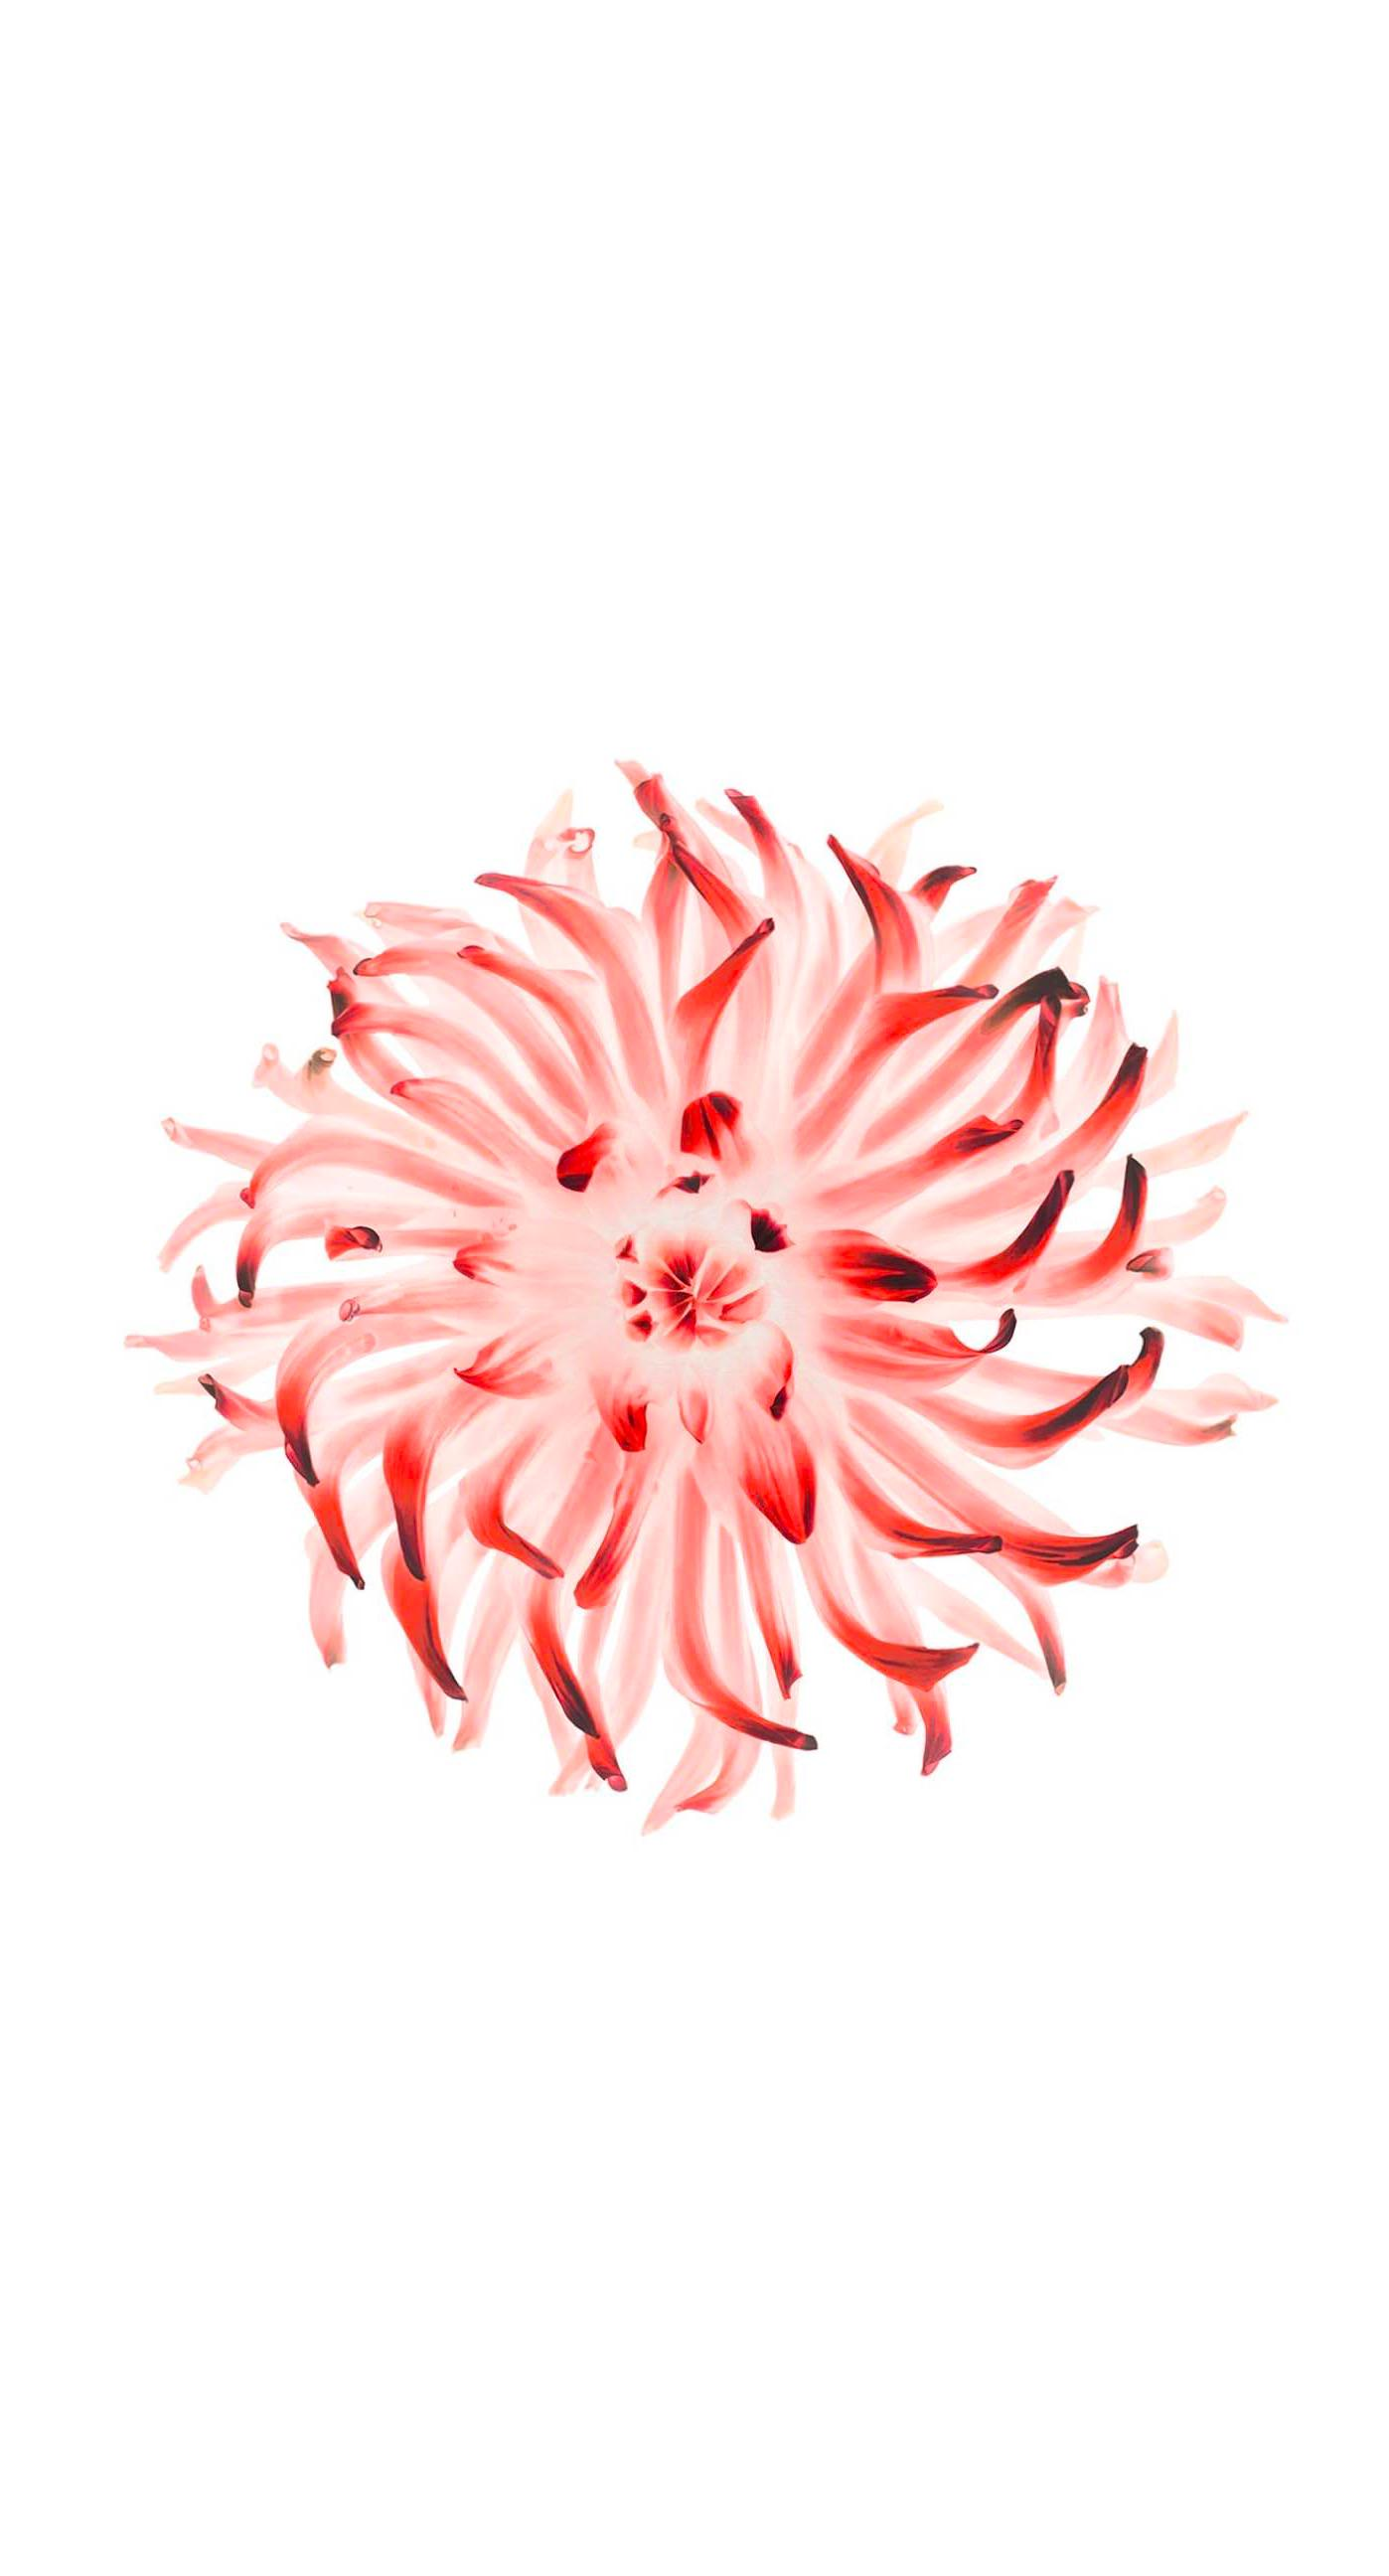 Flower Red White Wallpaper Iphone6splus